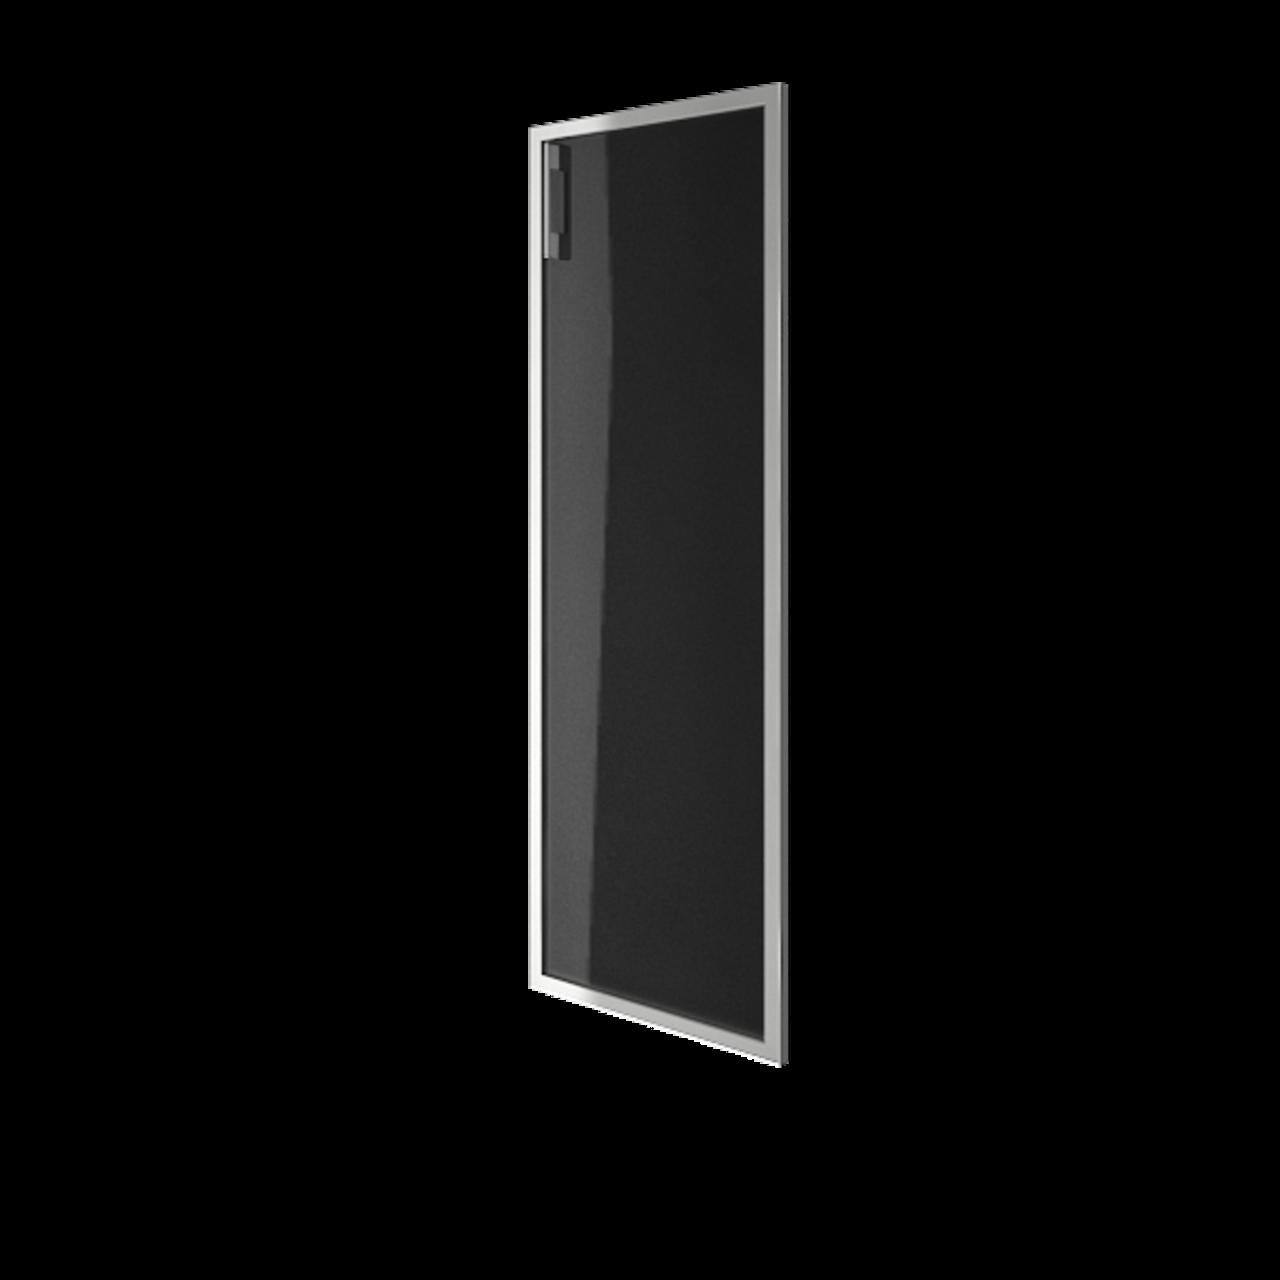 Дверь стекло в раме среднее Lacobel black правая - фото 3